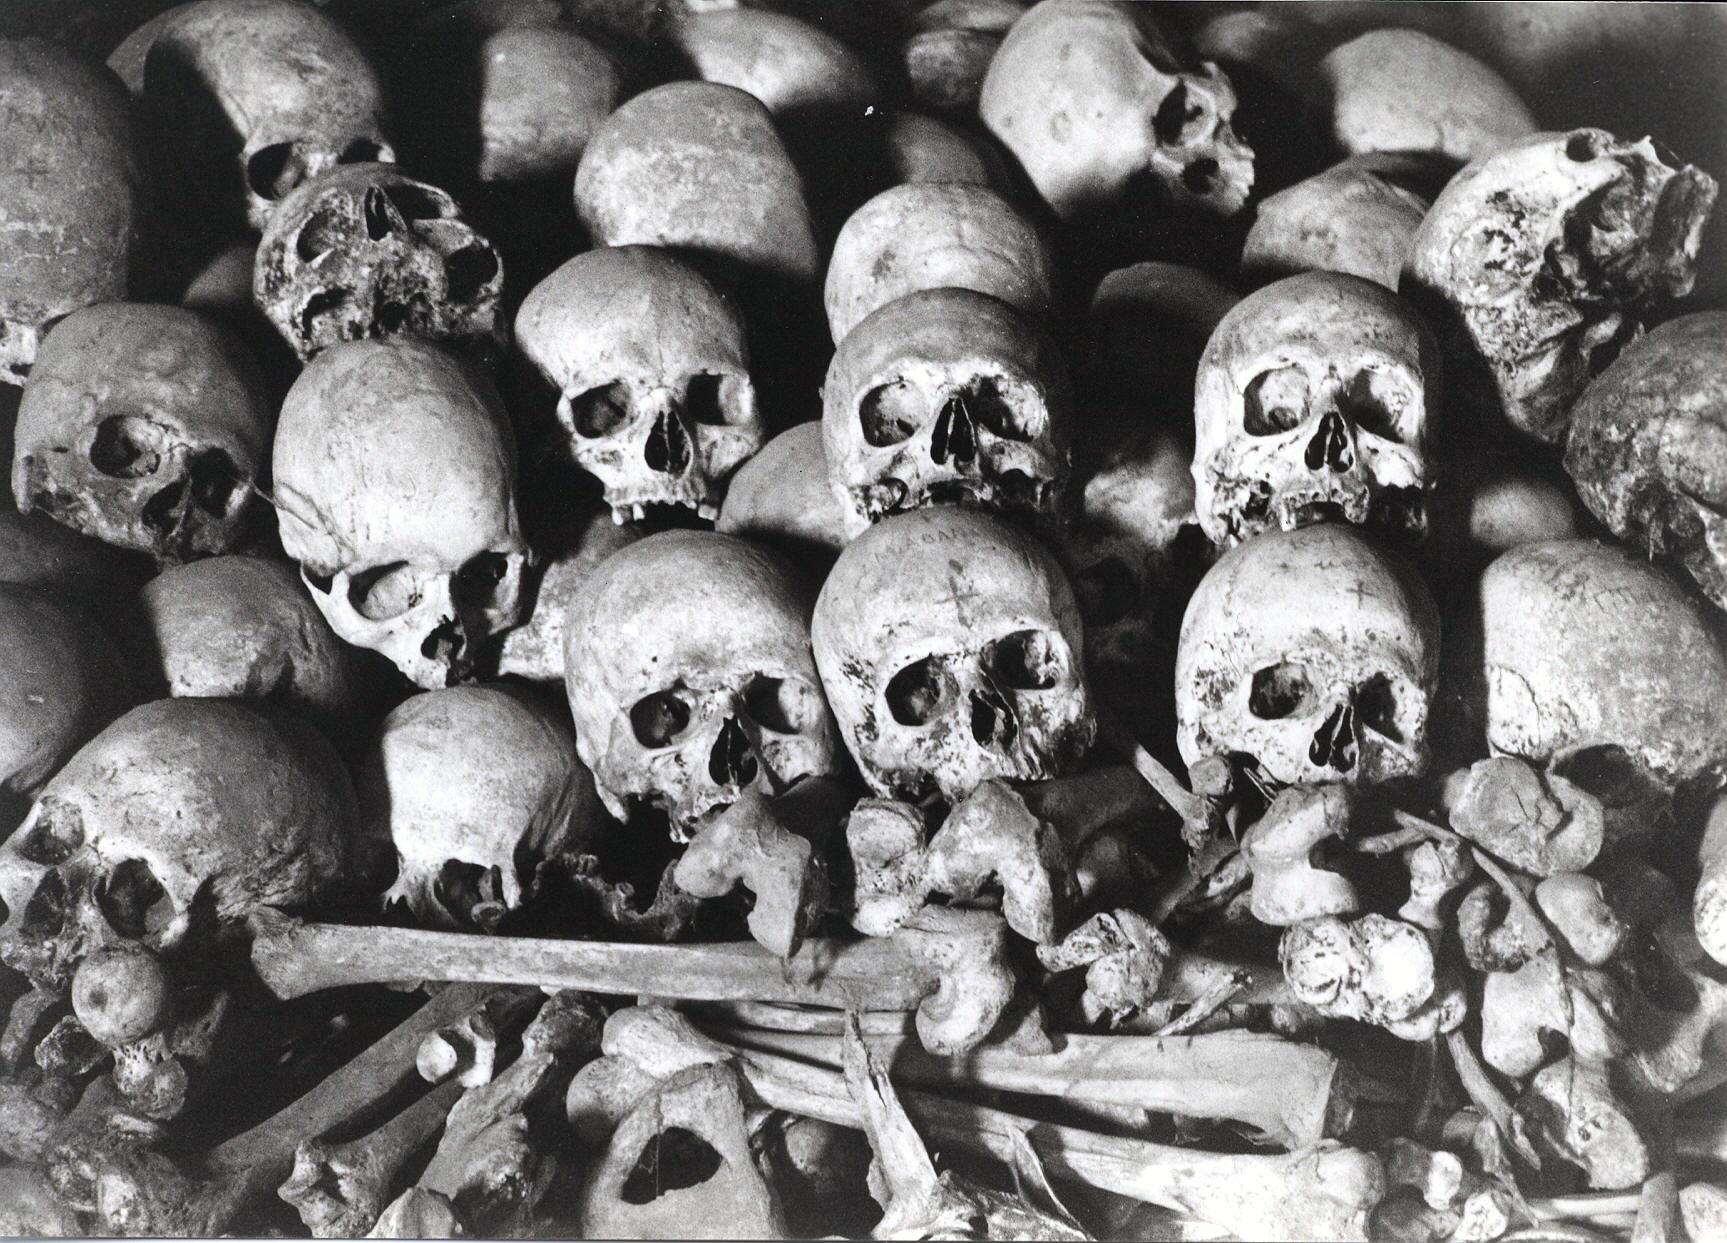 skulls and bones Trending: Skulls